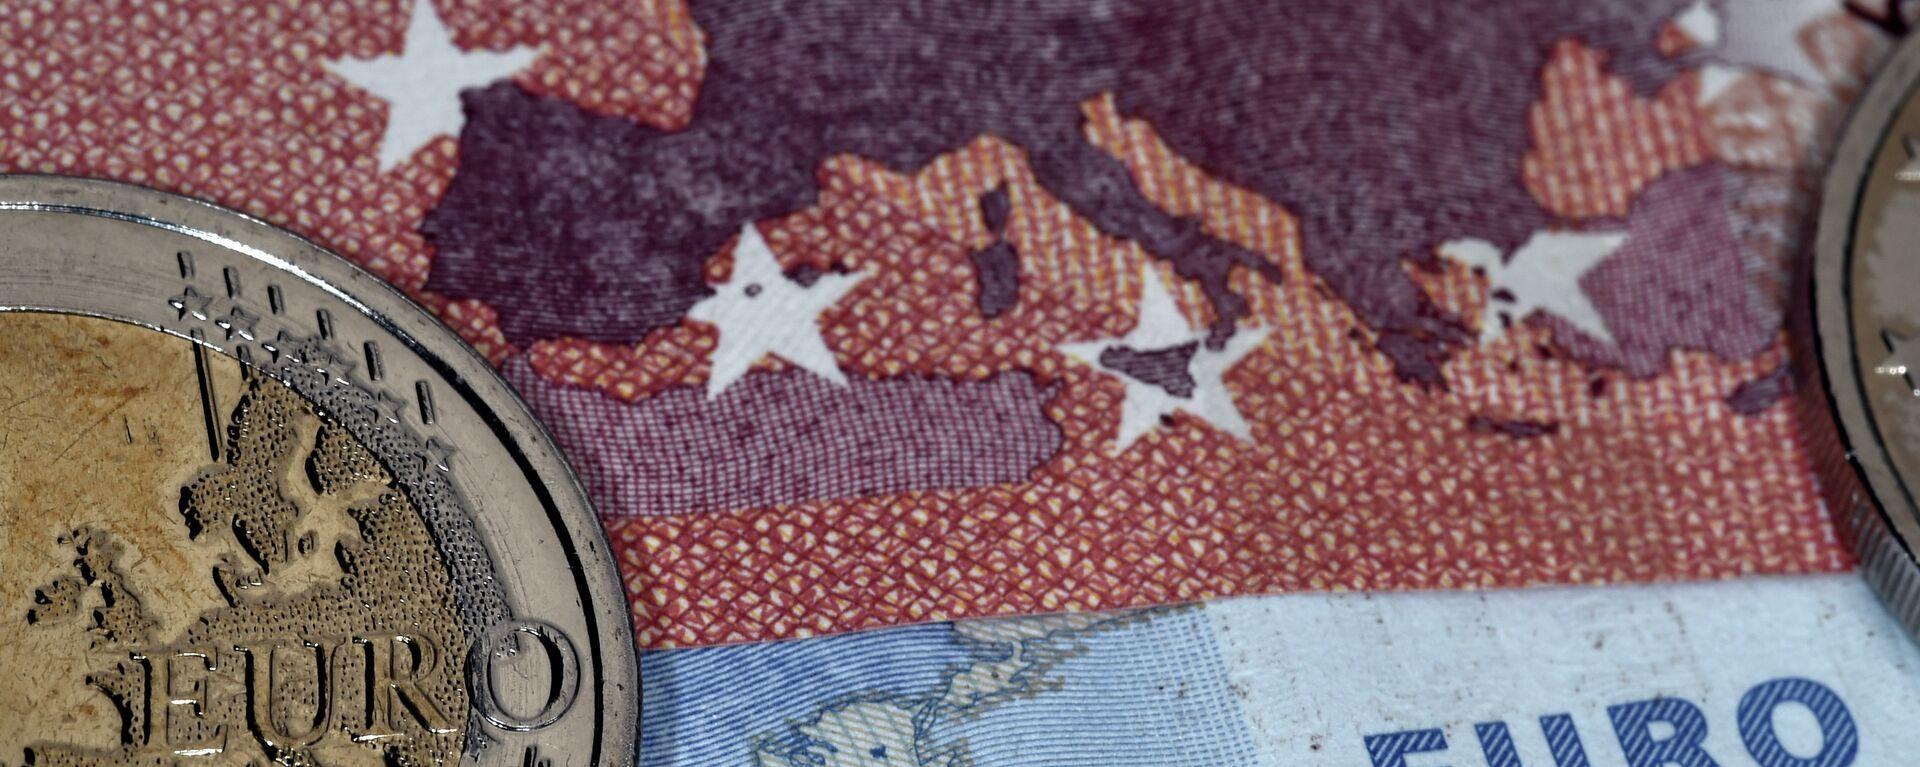 Monete e banconote di euro - Sputnik Italia, 1920, 20.07.2021